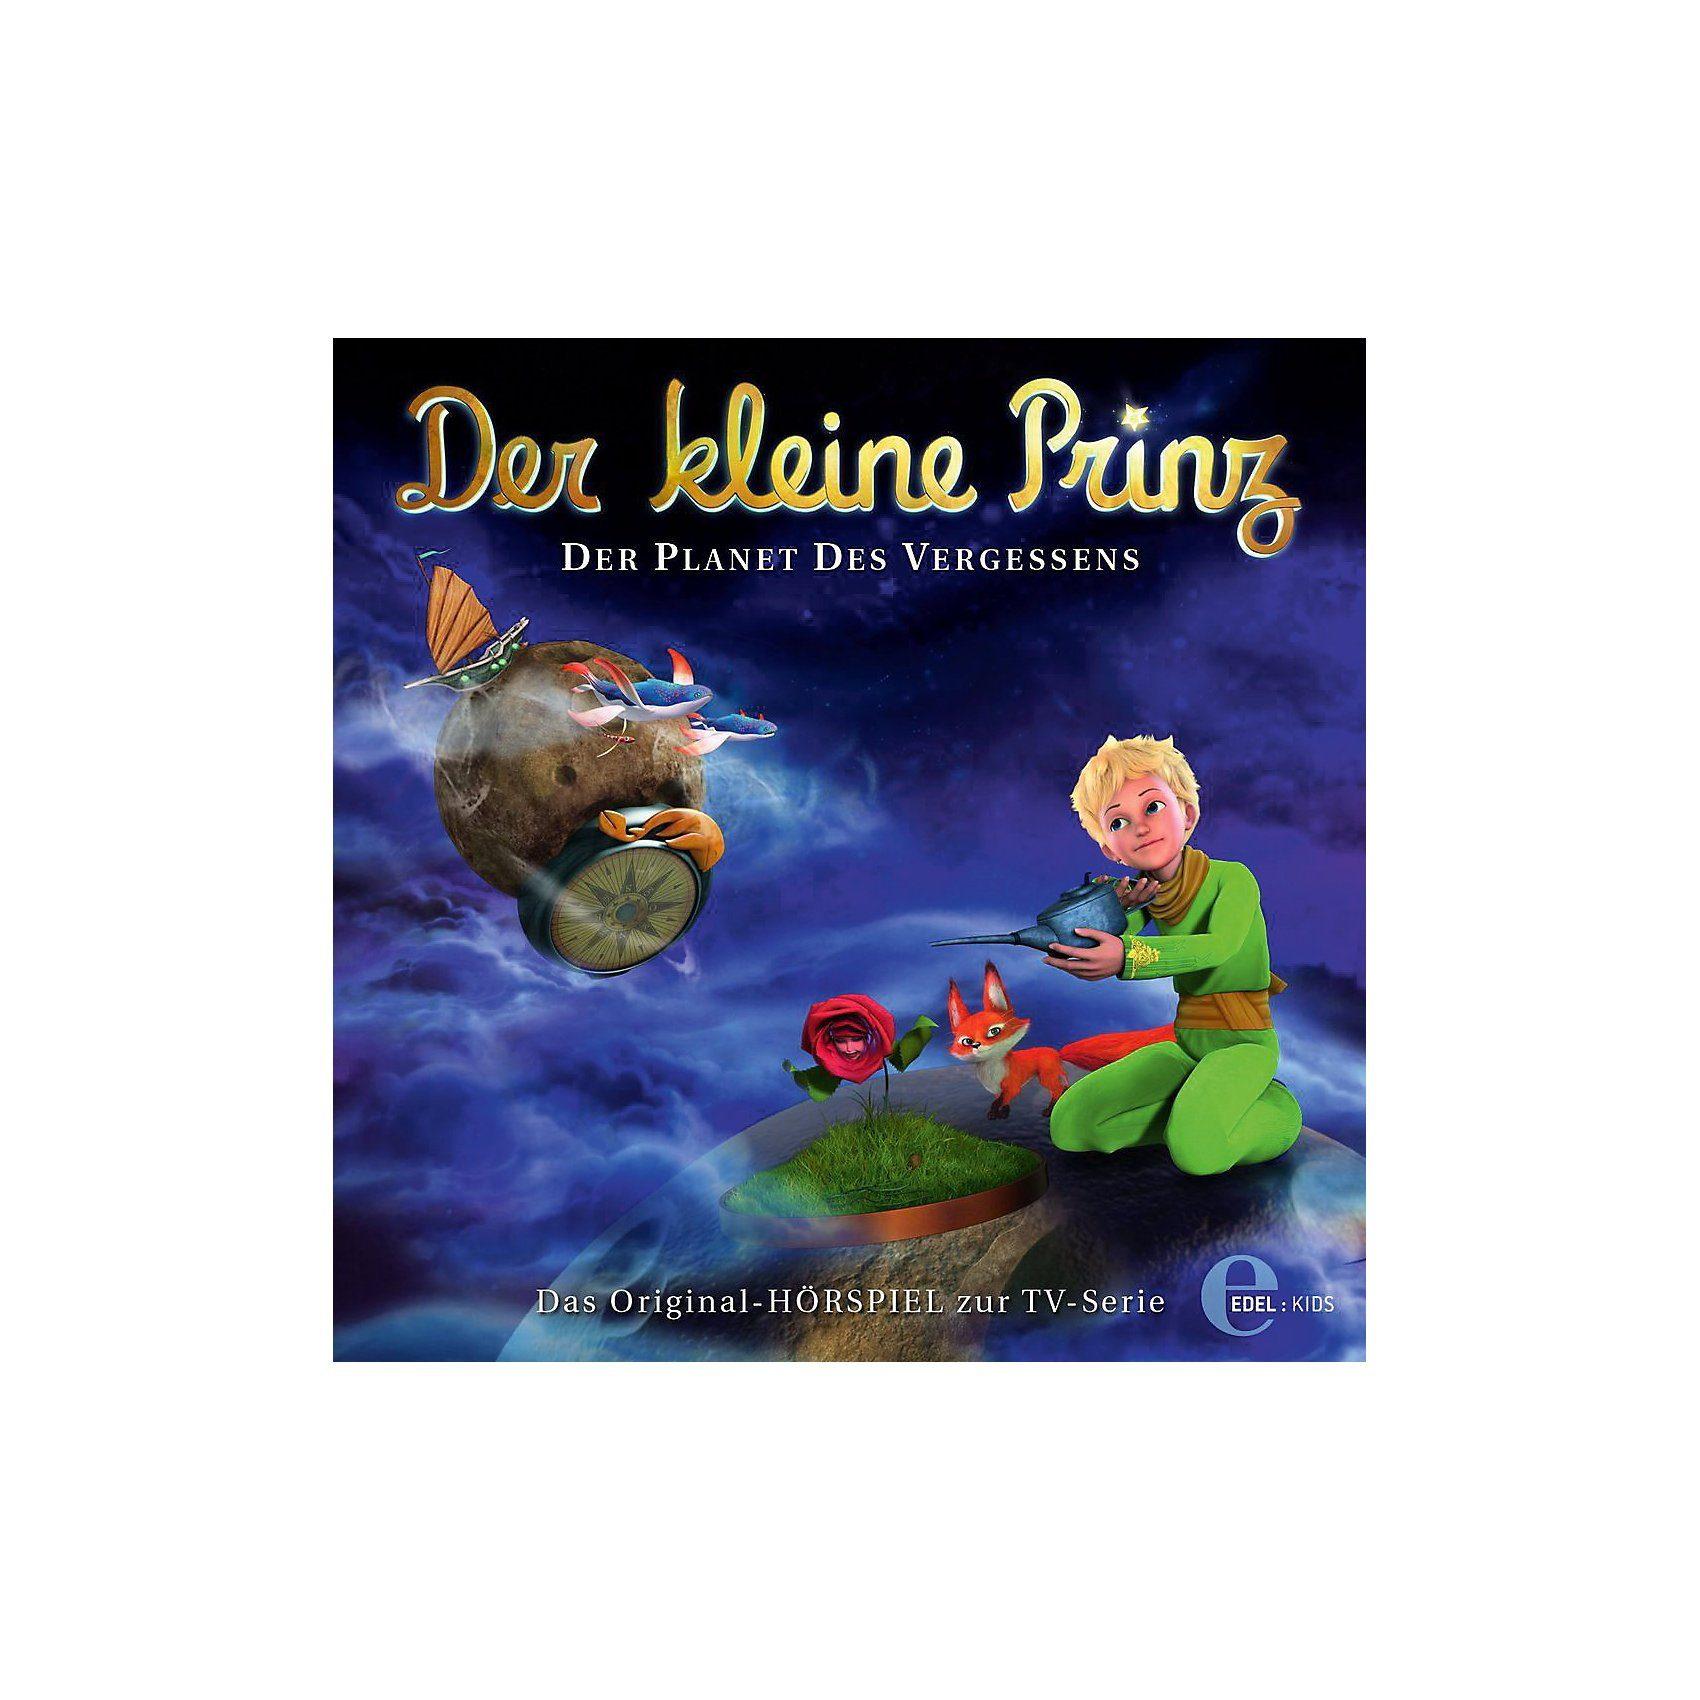 Edel CD Der kleine Prinz 16 - Der Planet des vergessens